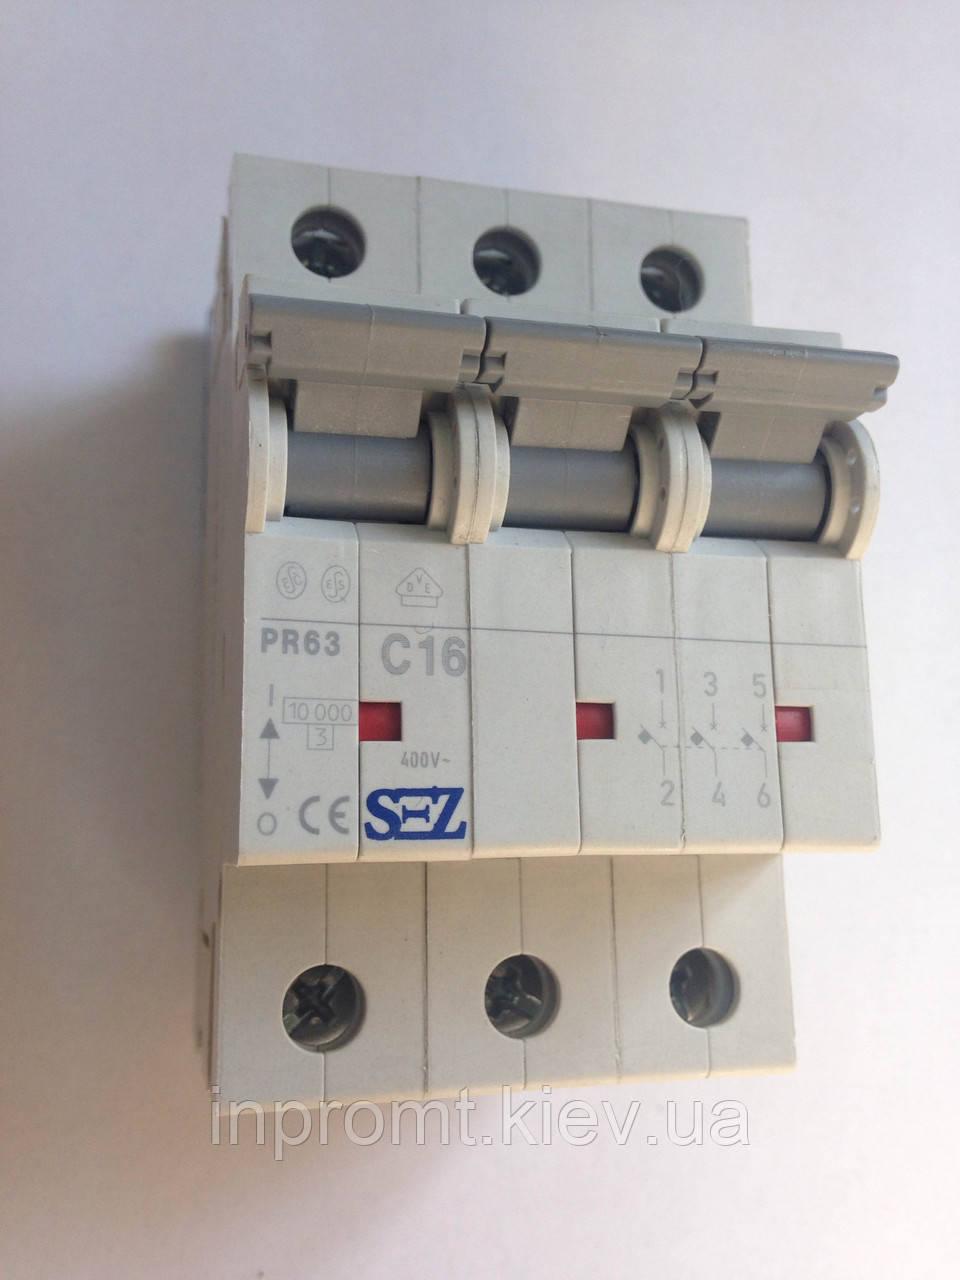 Автоматический выключатель PR63С16